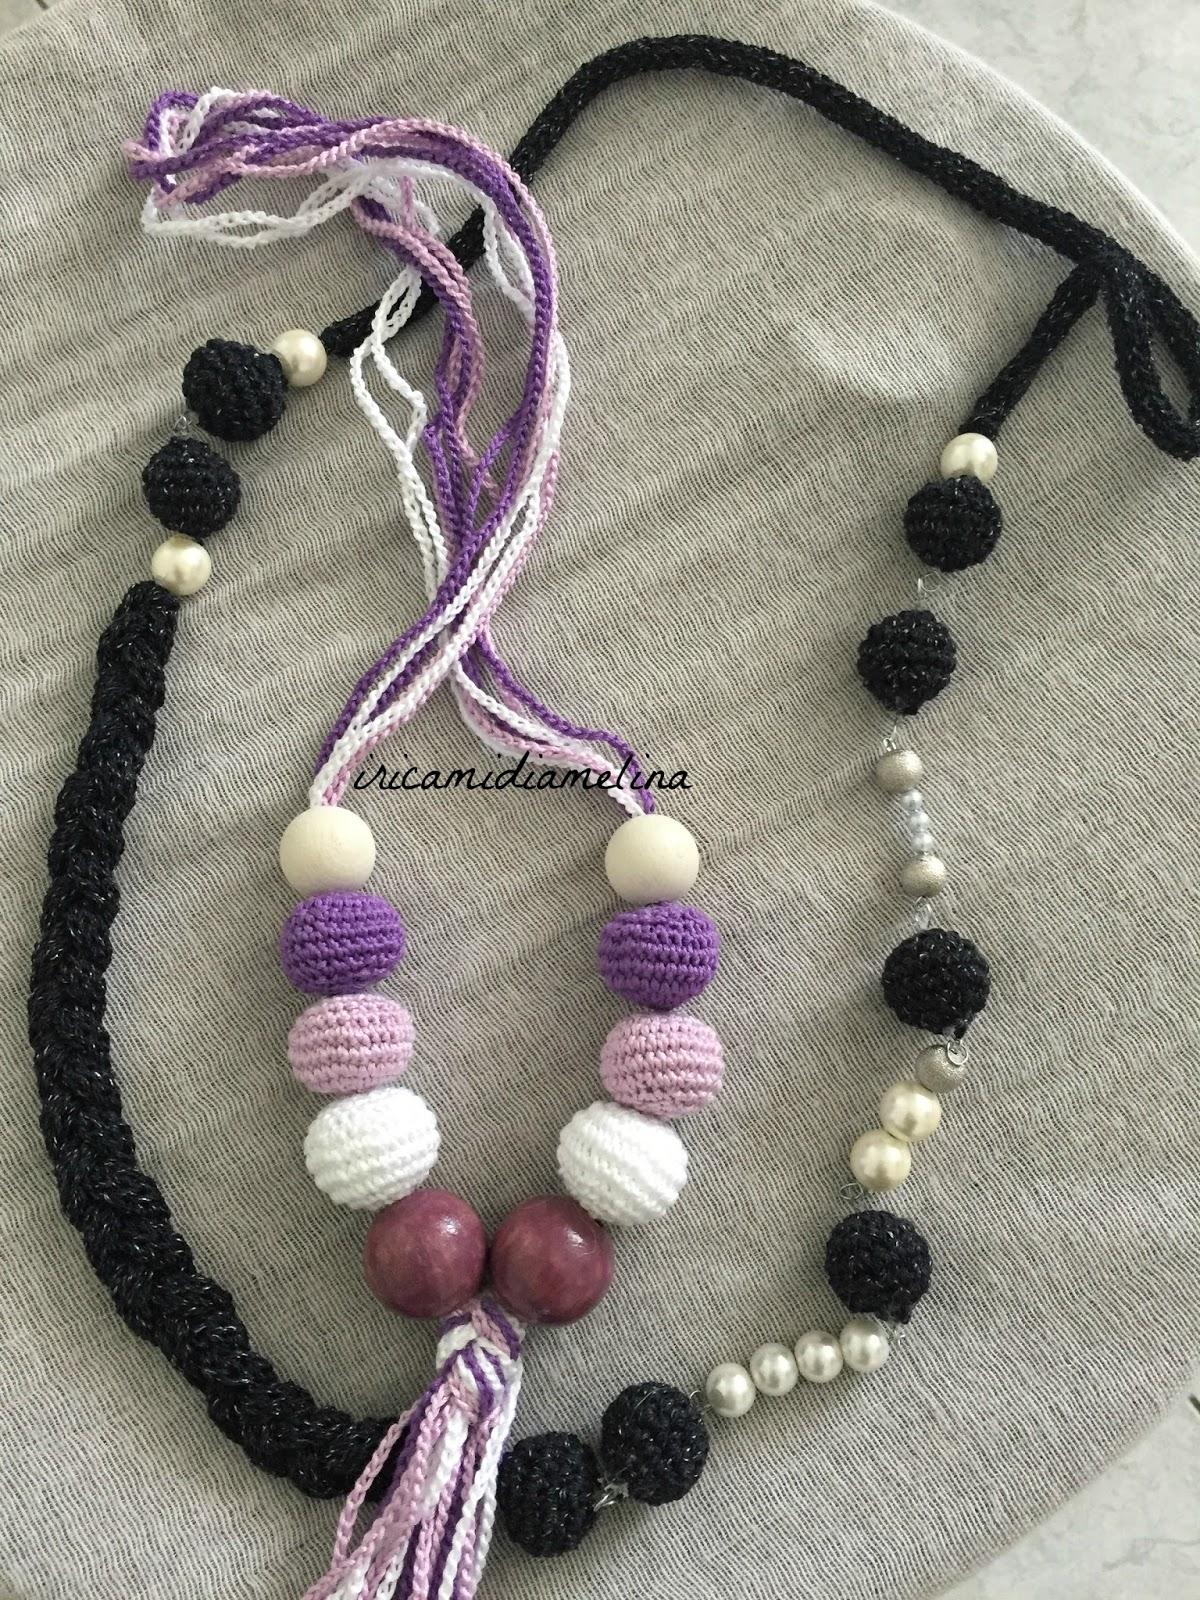 gamma completa di articoli prestazione affidabile gamma esclusiva iricamidiamelina: Collane crochet